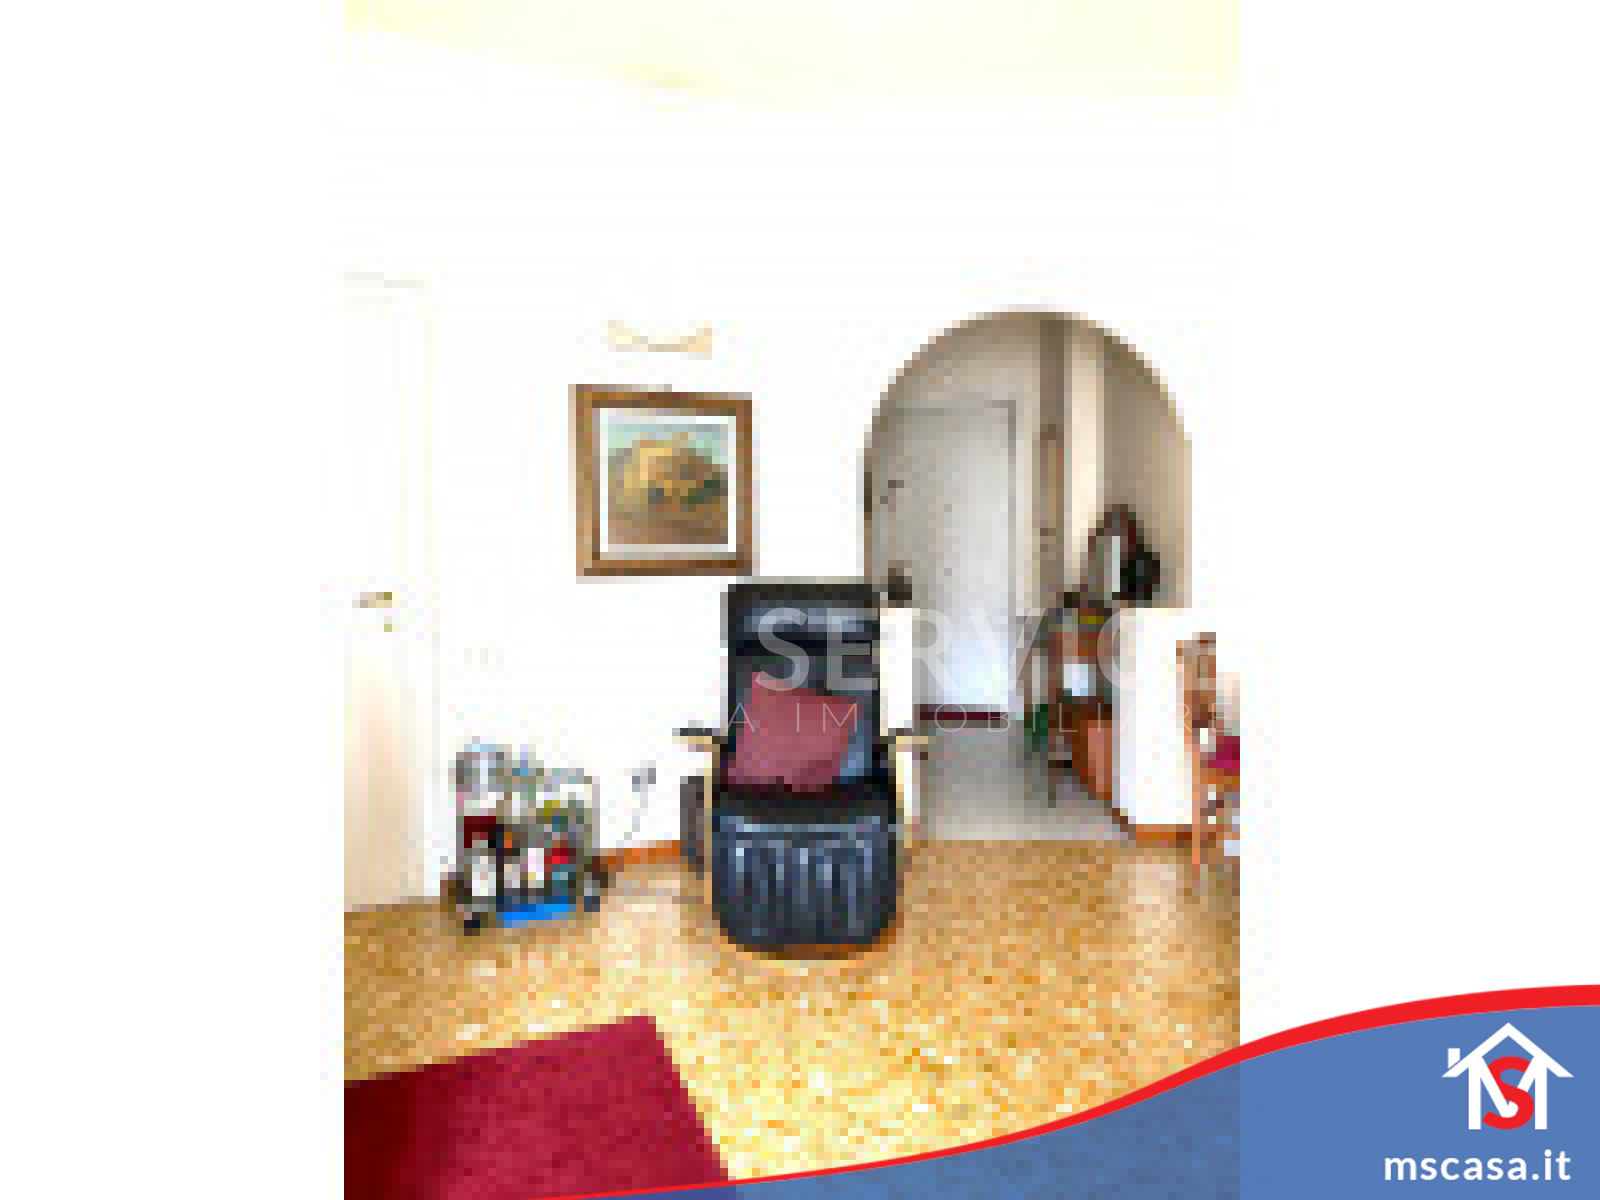 Trilocale in vendita zona Ardeatino a Roma Vista Soggiorno con prospettiva Ingresso